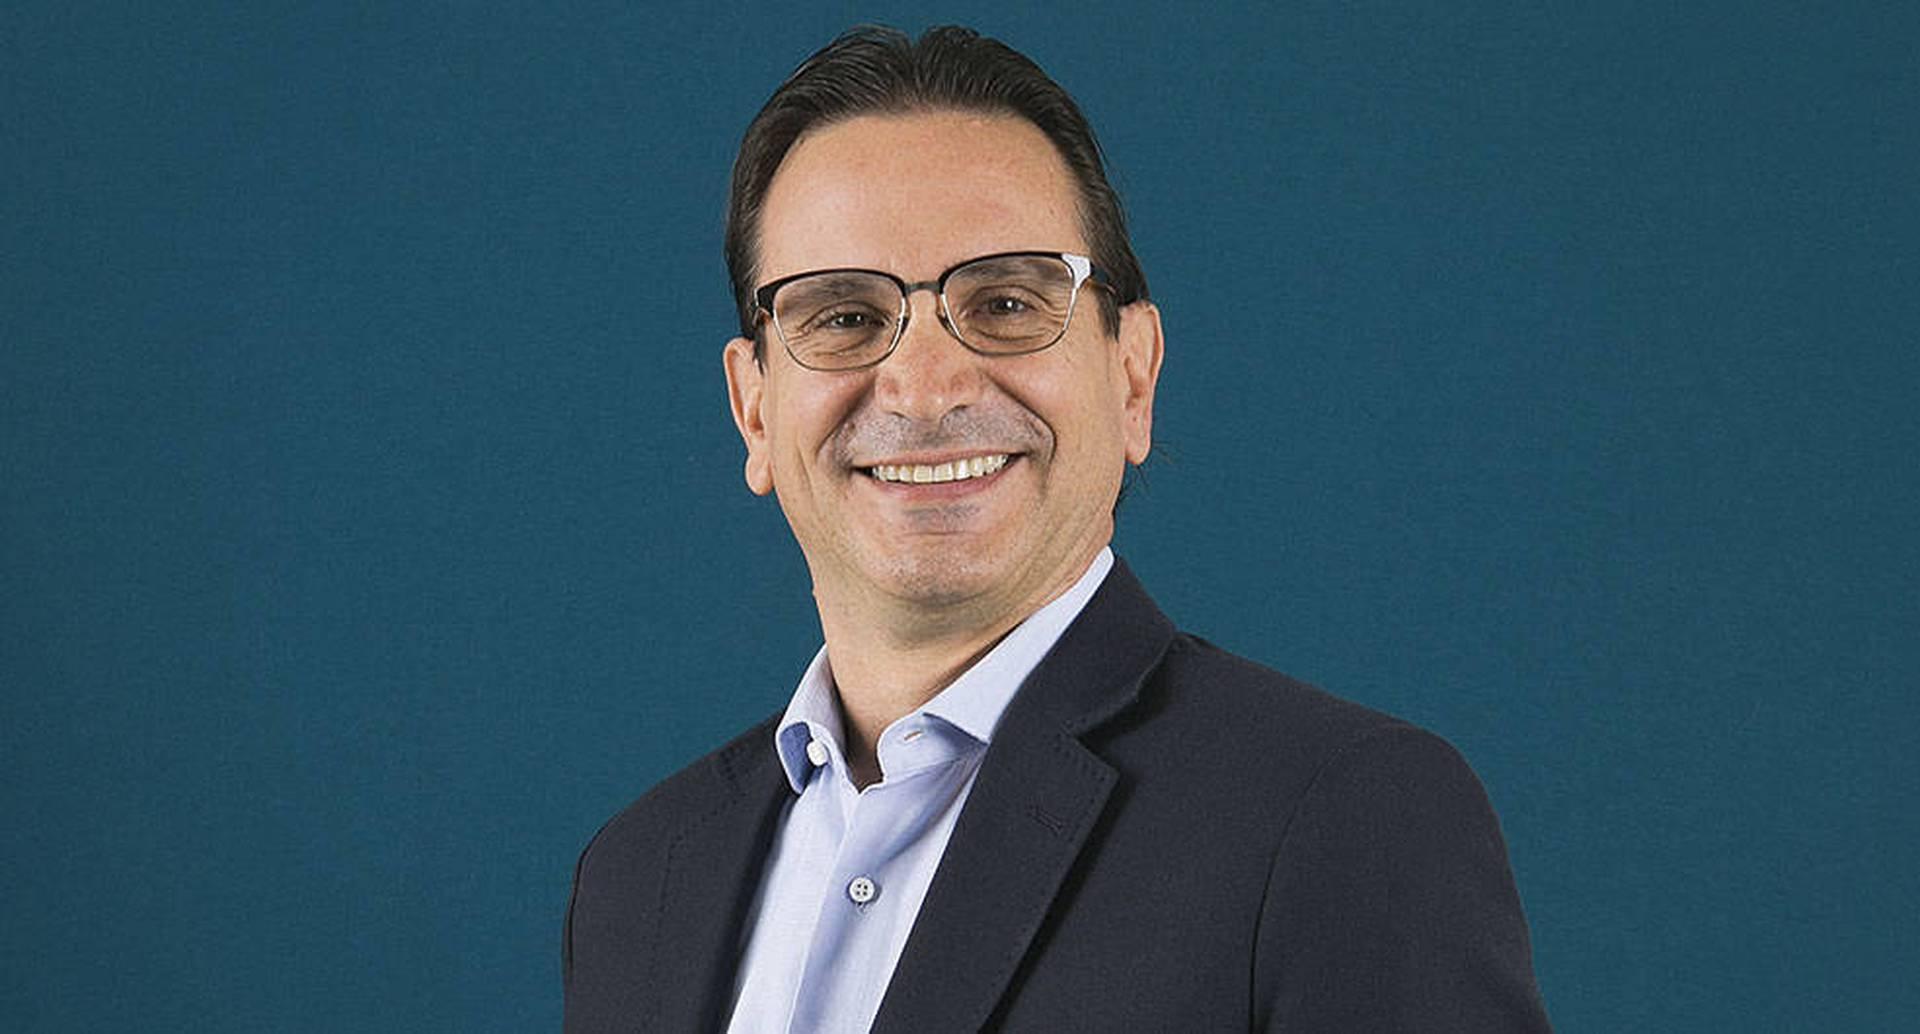 Juan Carlos Mora,  presidente de Bancolombia, asegura que la entidad se  prepara para la fase  poscuarentena. Para ese  momento prevén contar con líneas y productos que les permitan dar más apoyo a las empresas y personas.